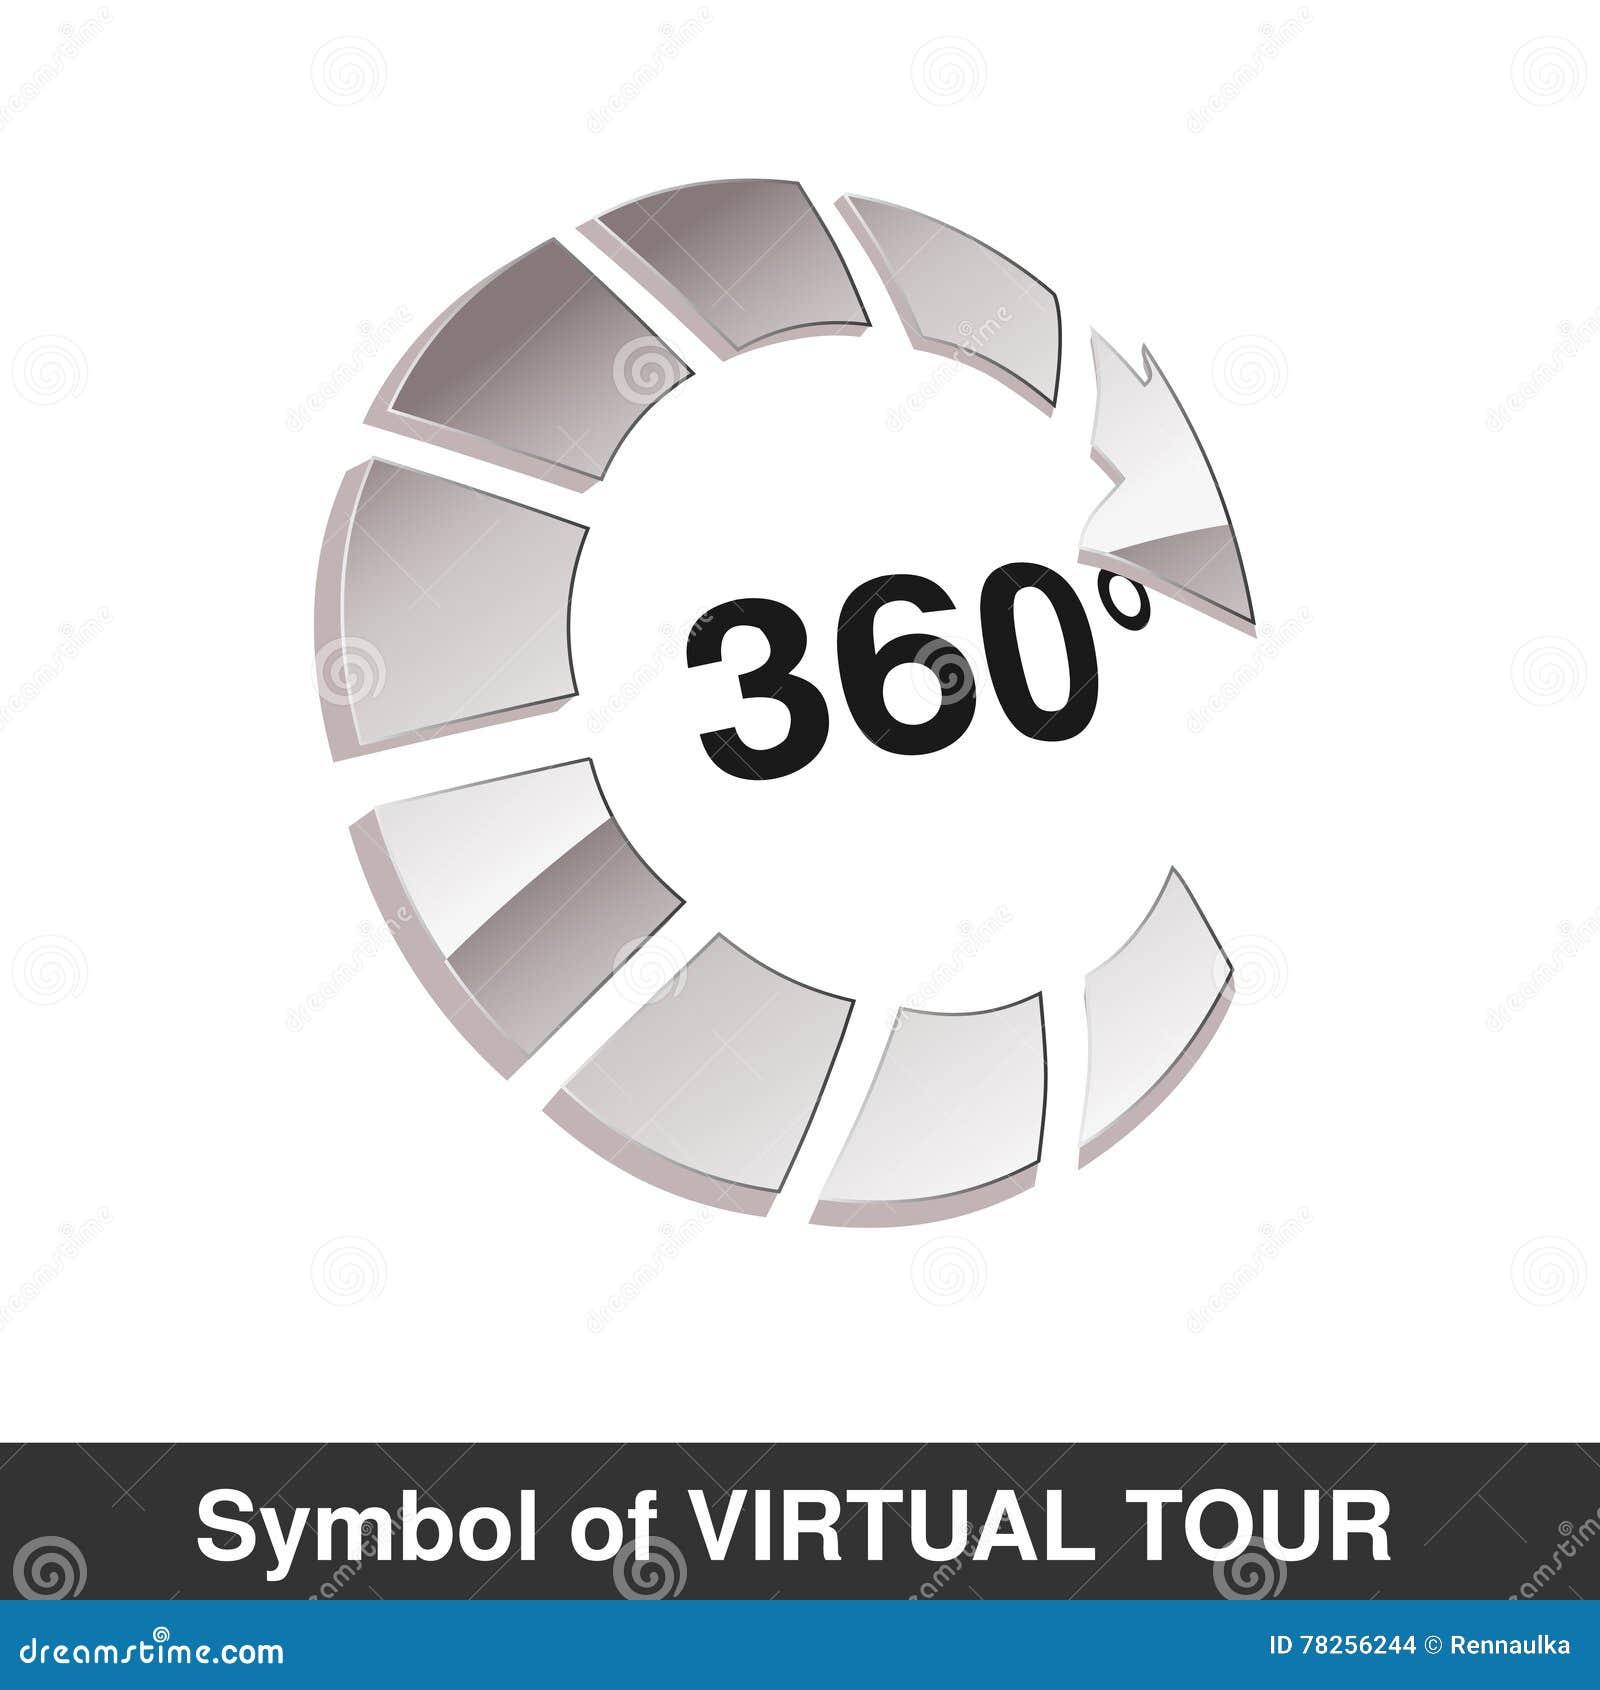 Σύμβολο για τον εικονικό γύρο, στιλπνό ασημένιο βέλος - κουμπώστε με την επιγραφή 360